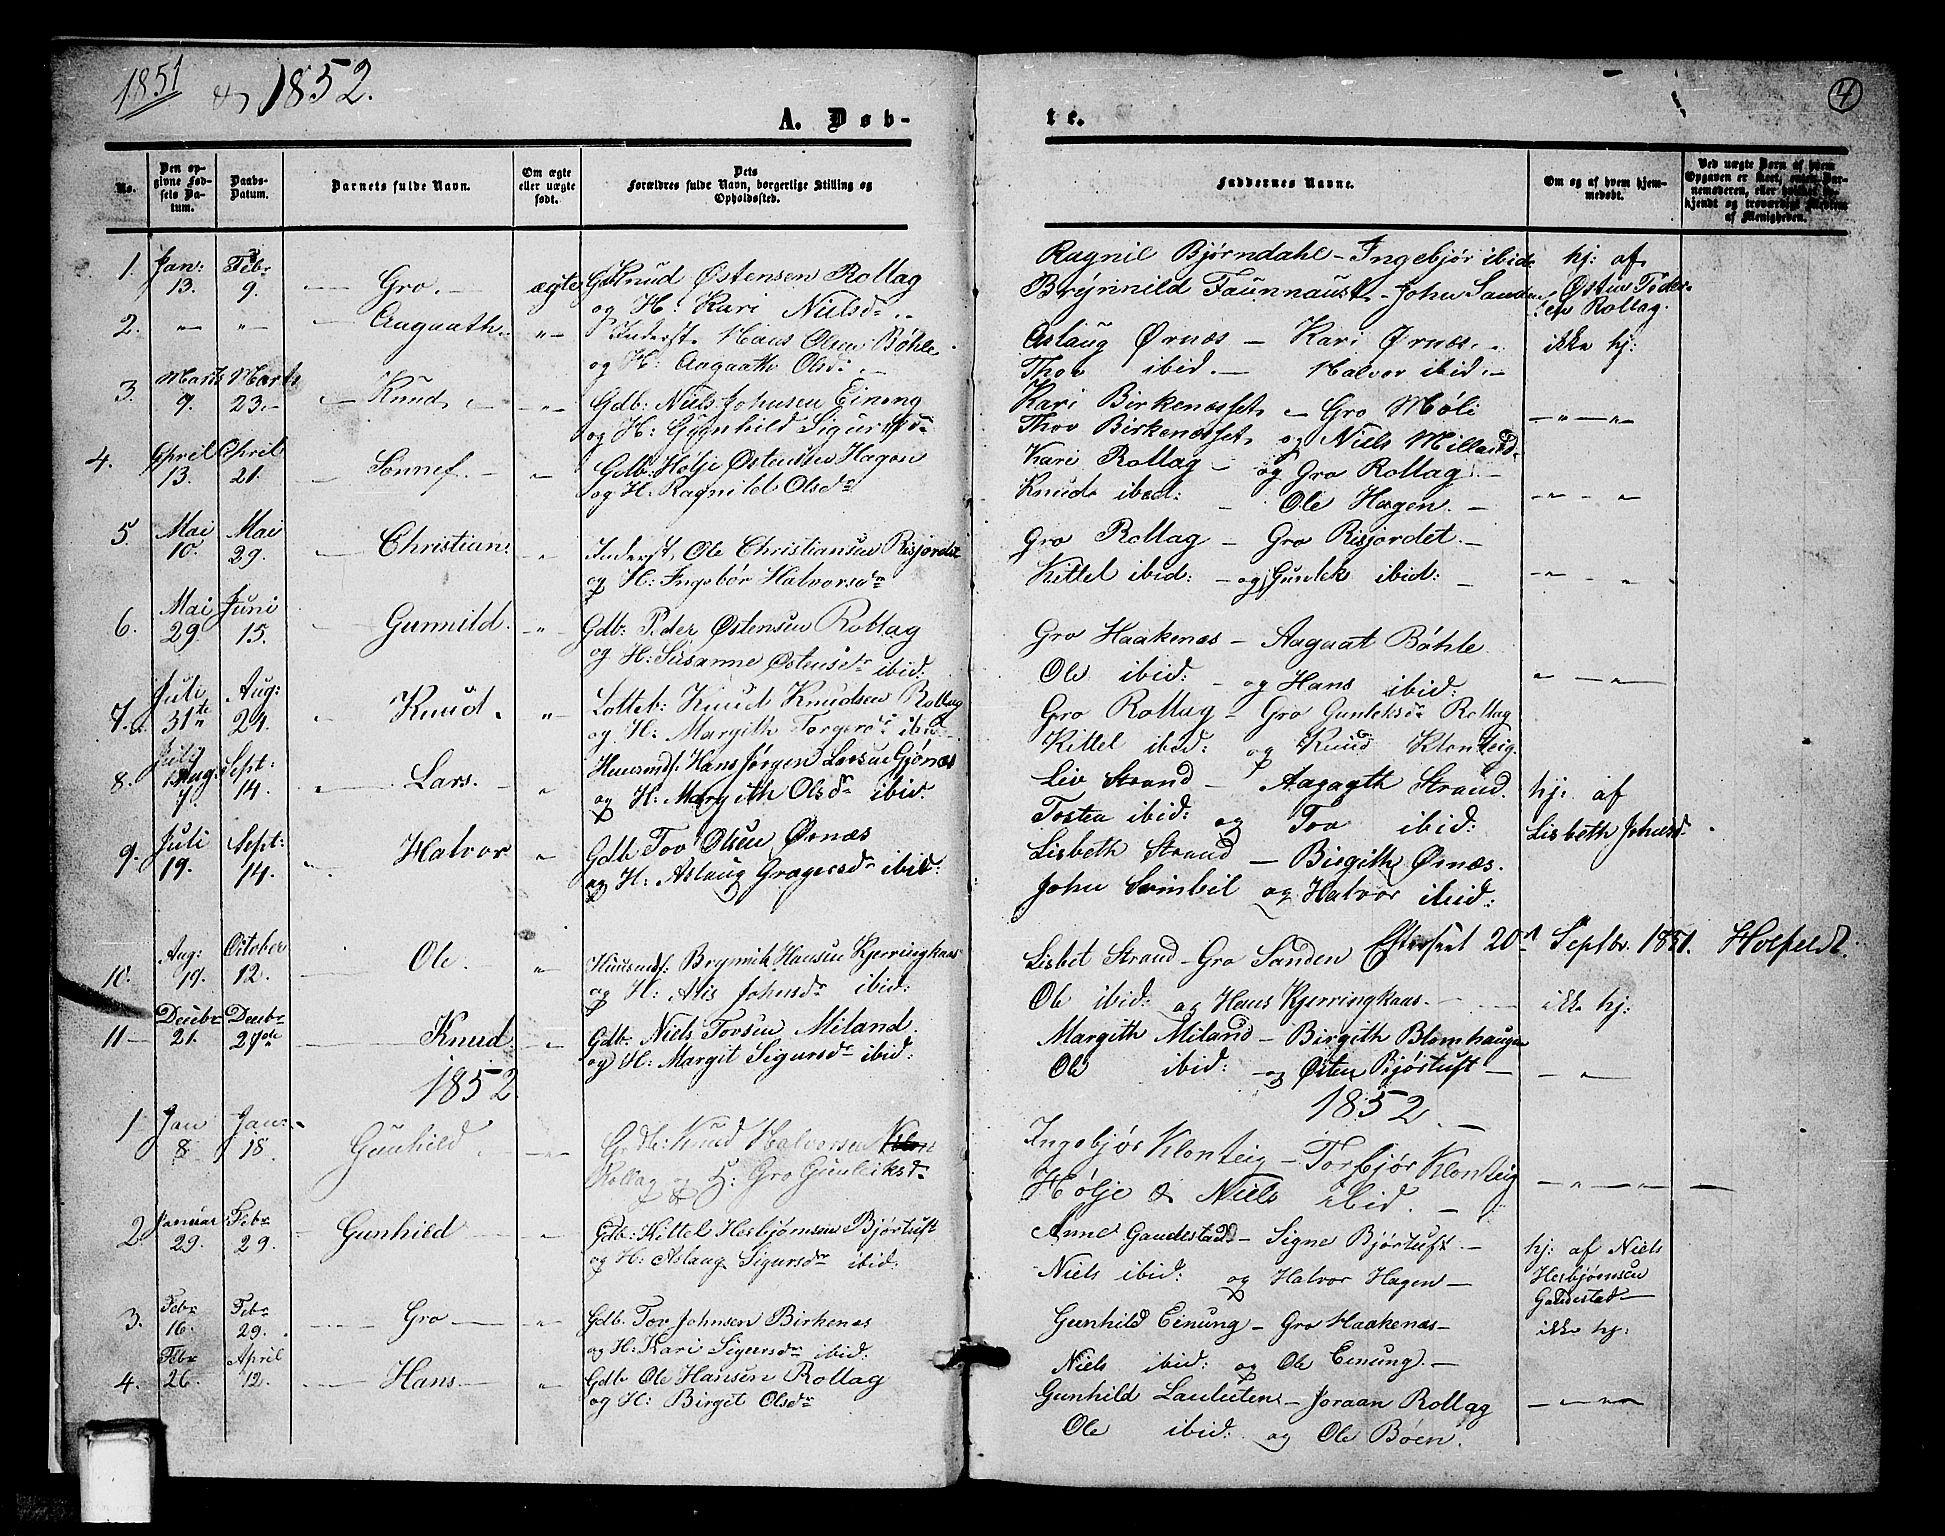 SAKO, Tinn kirkebøker, G/Gb/L0002: Klokkerbok nr. II 2, 1851-1886, s. 4